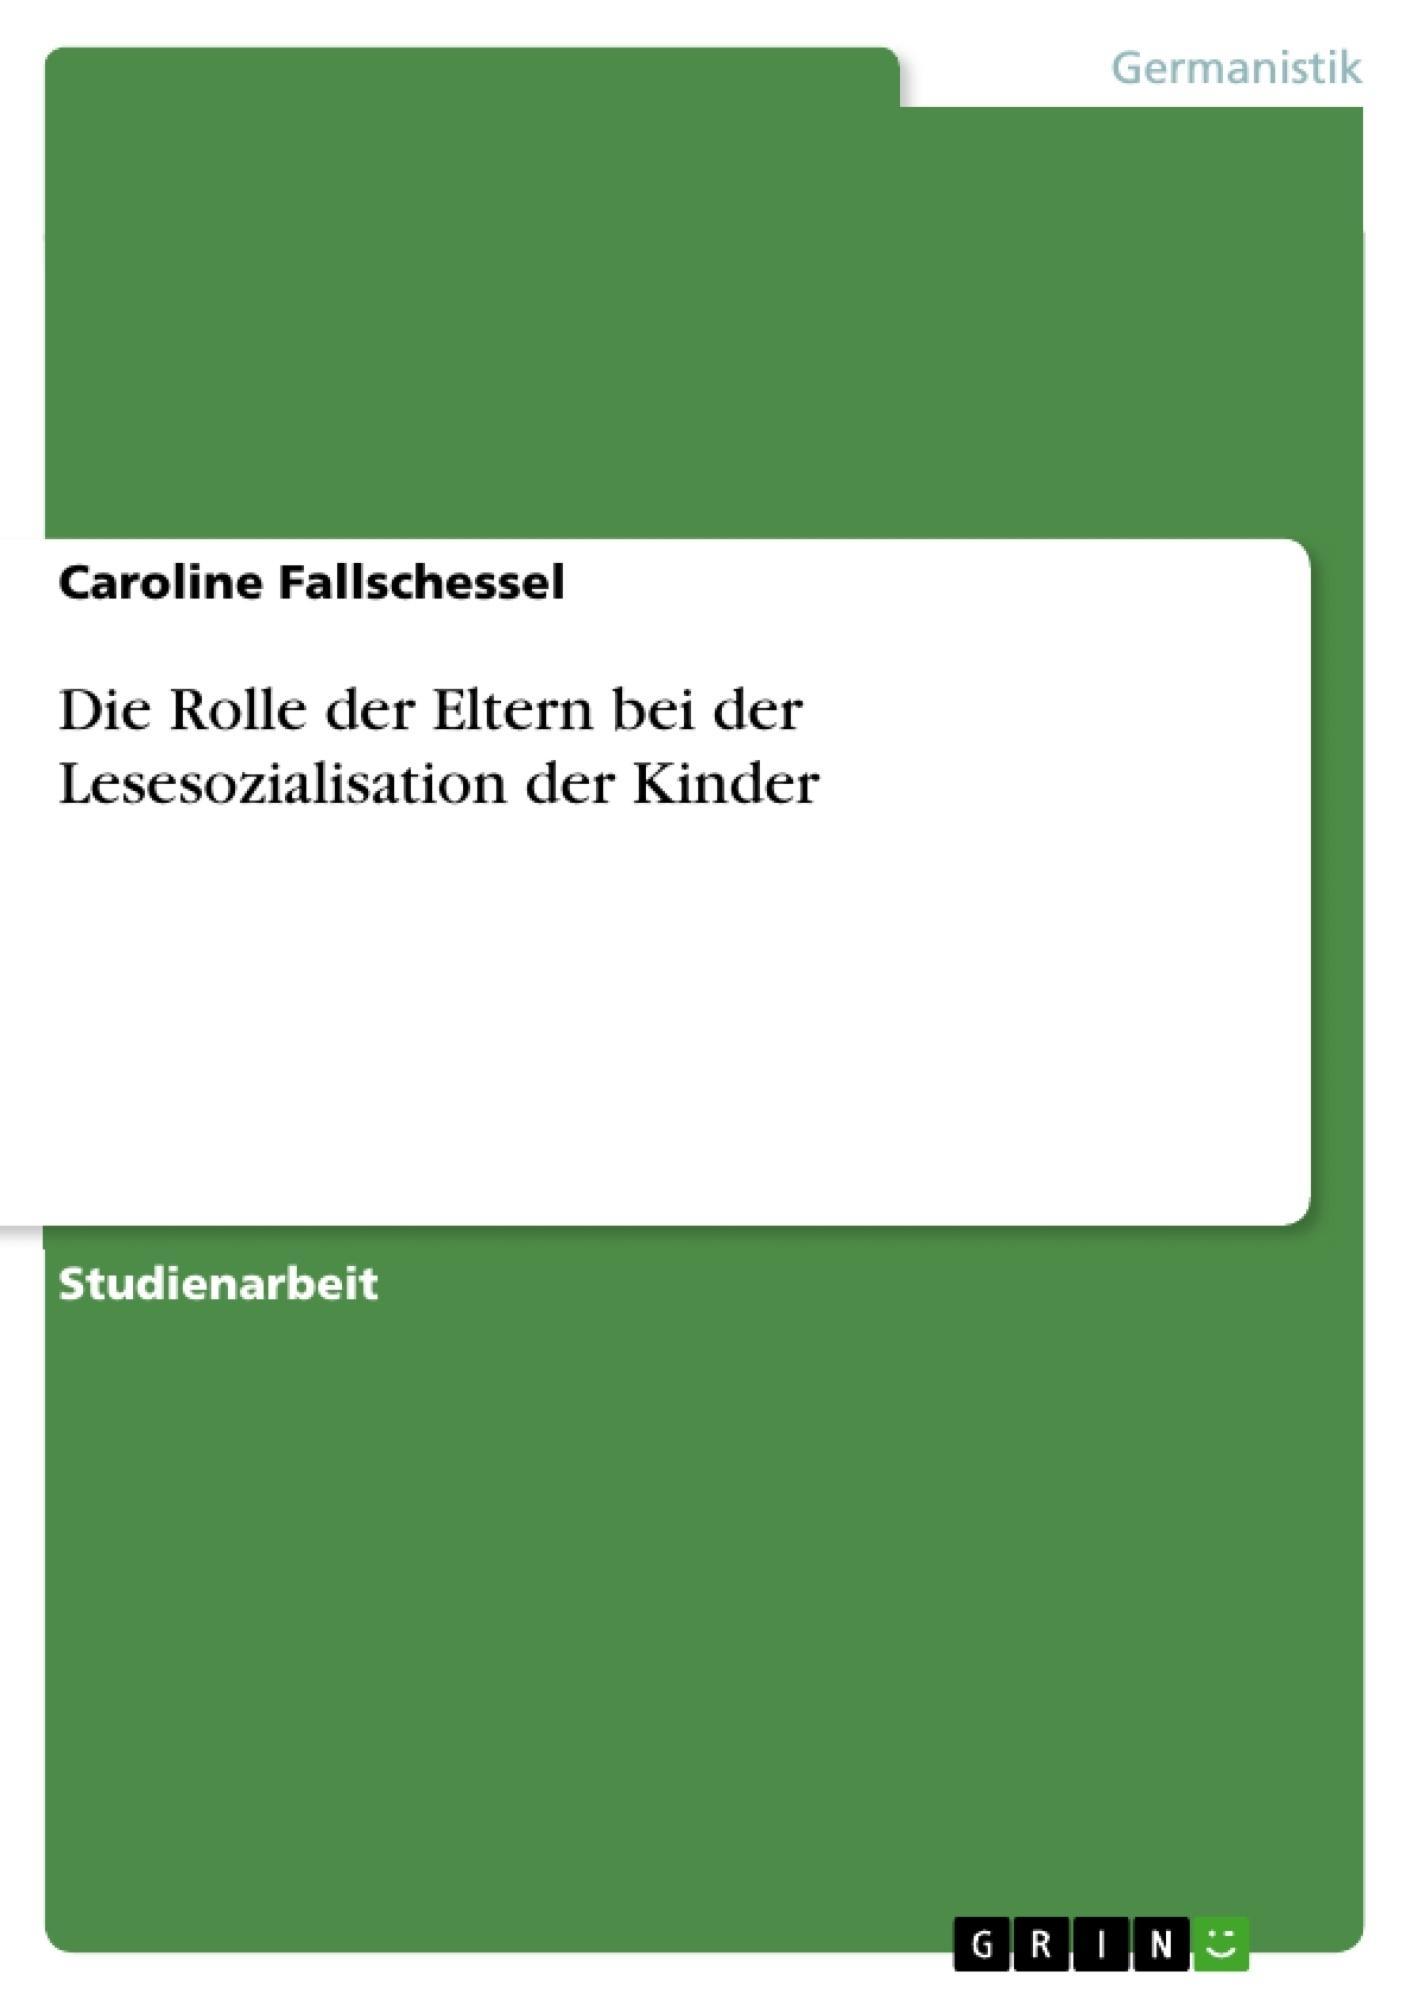 Titel: Die Rolle der Eltern bei der Lesesozialisation der Kinder